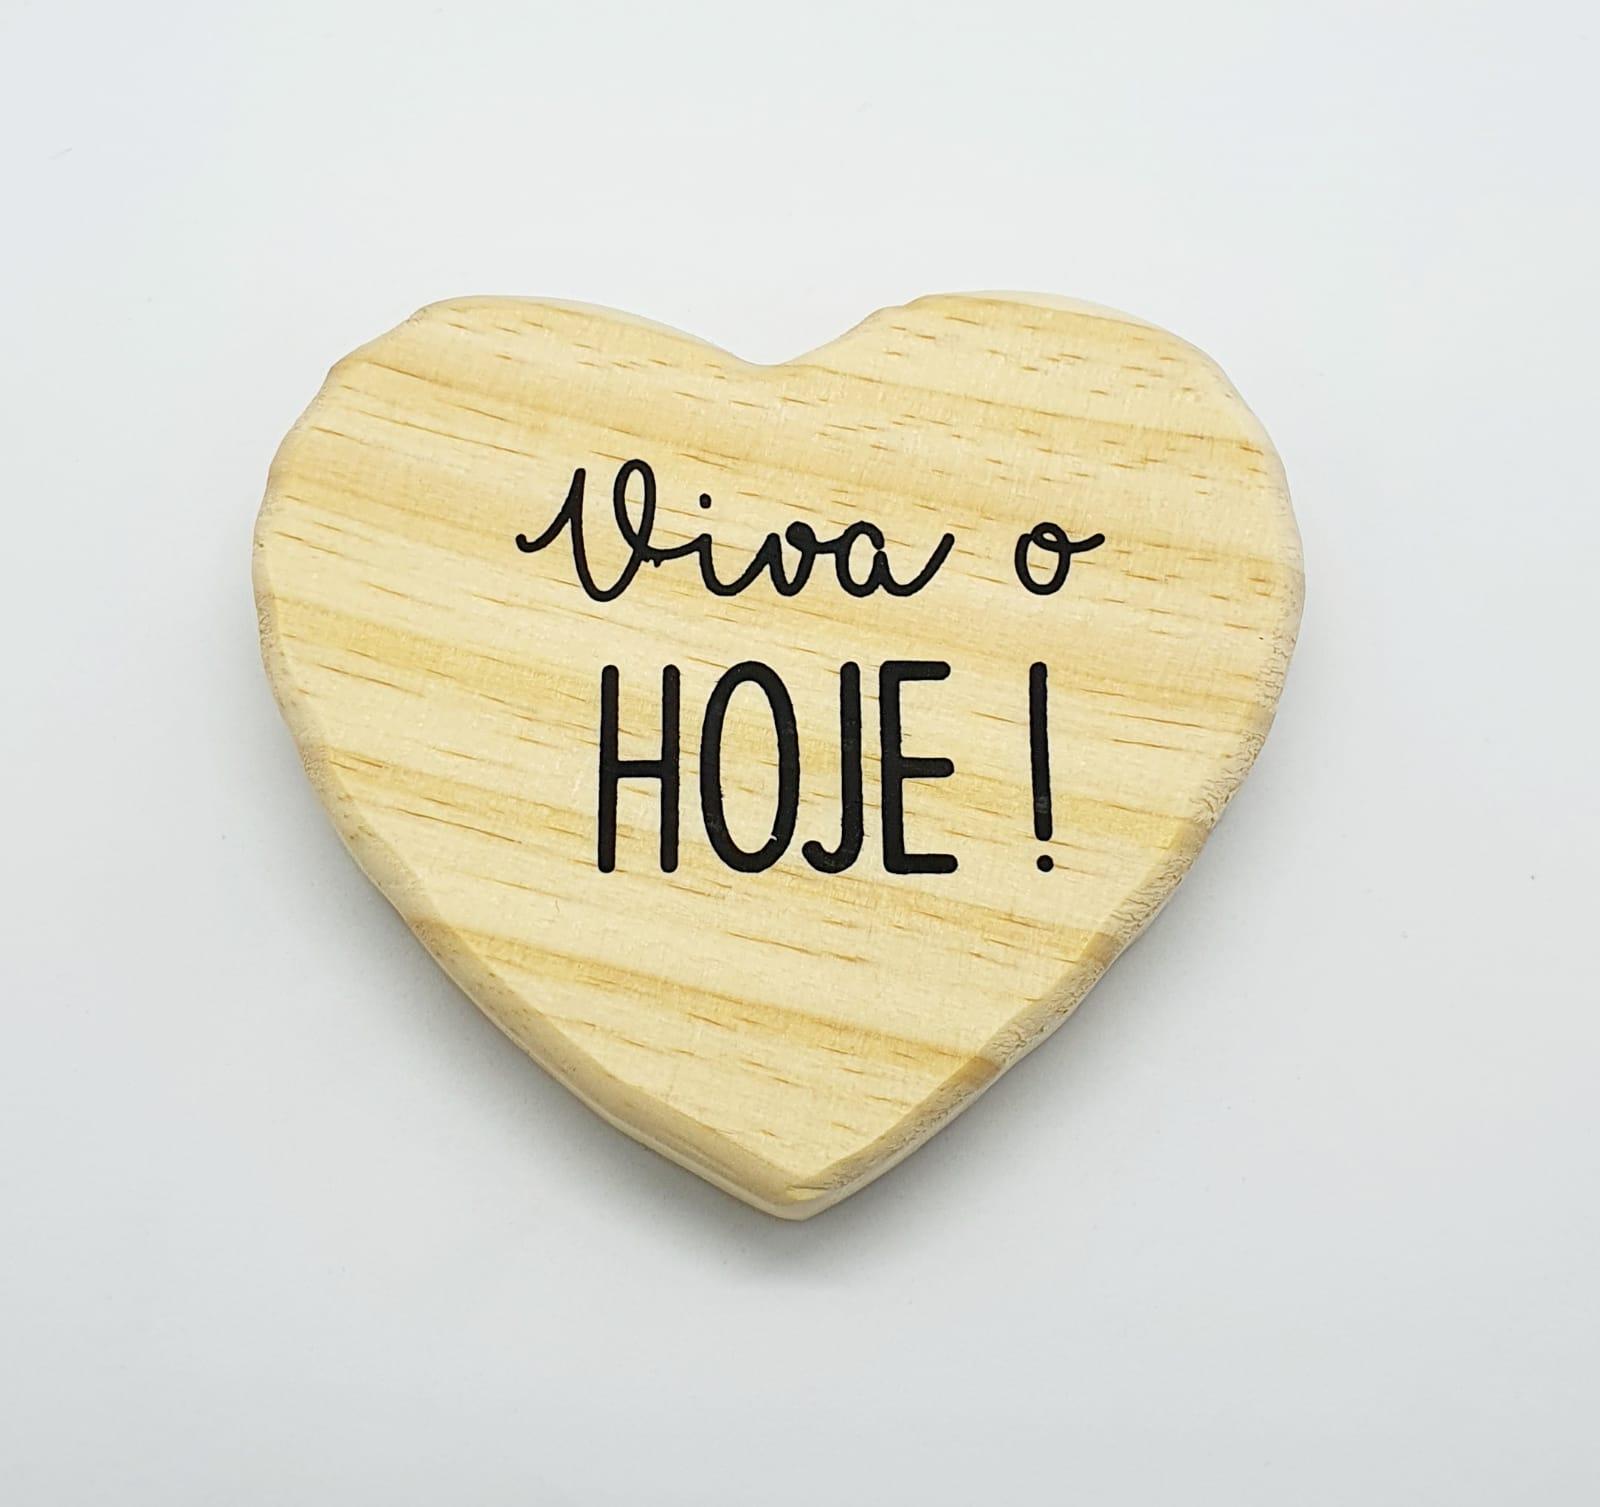 Porta copos formato de coração em madeira - Viva o hoje